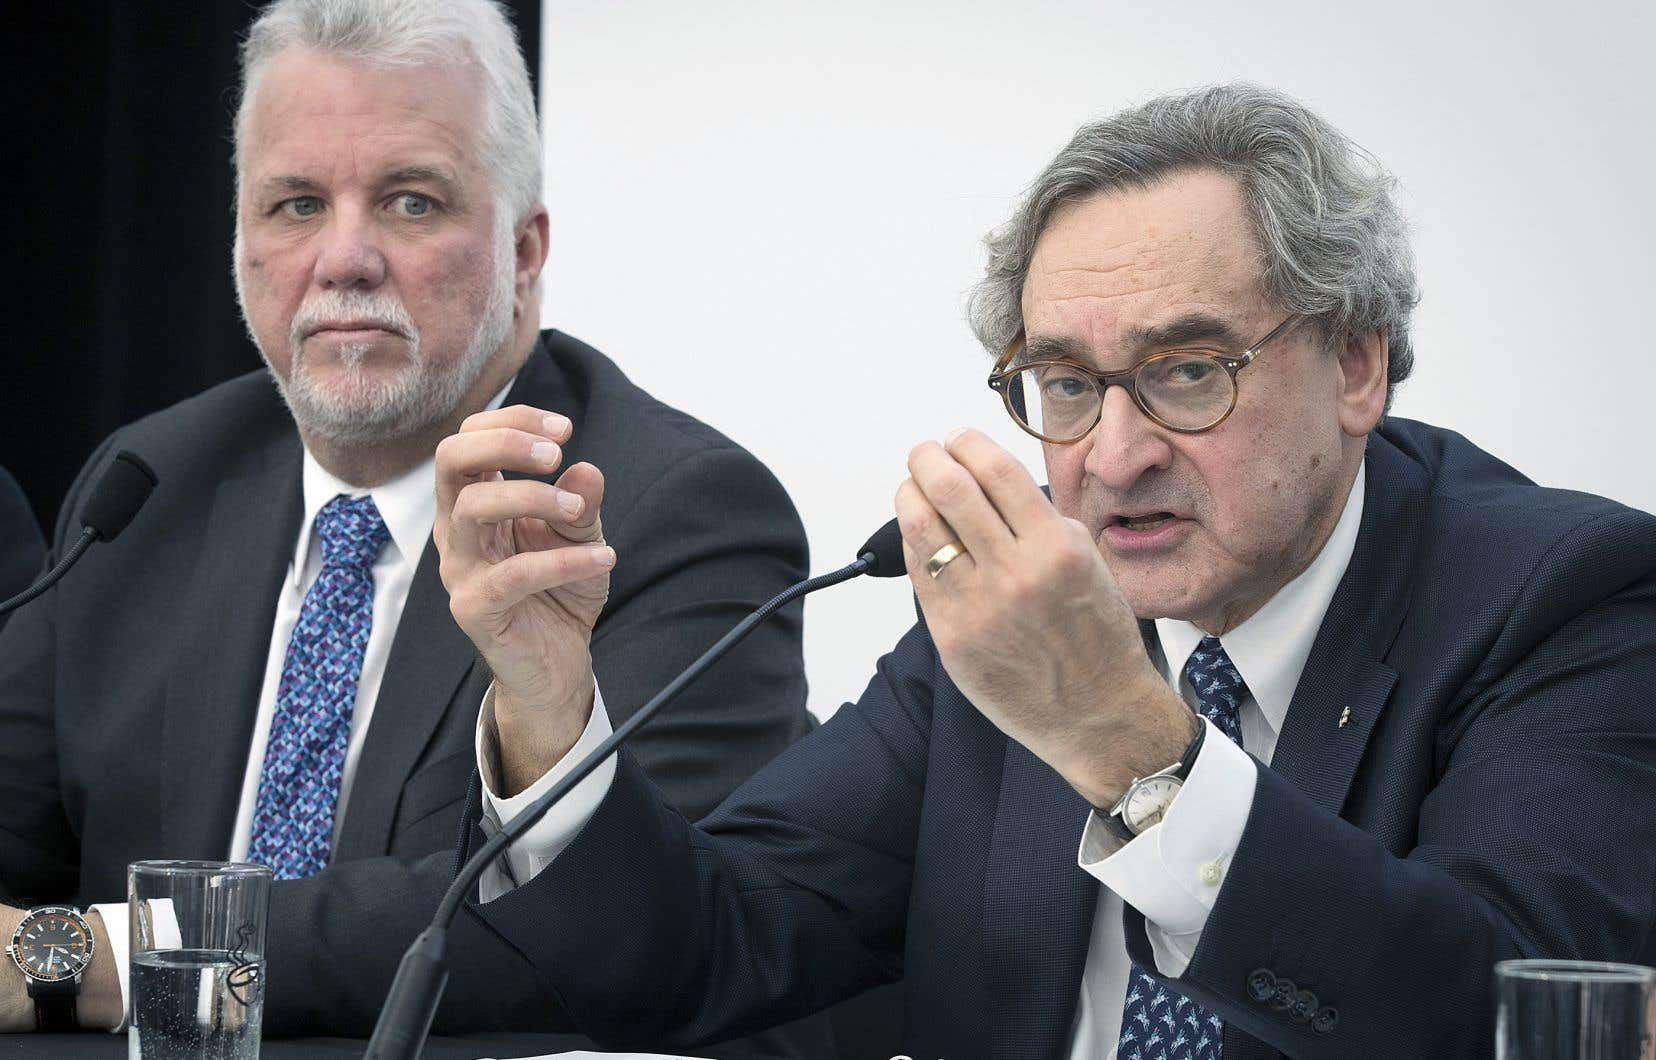 Le premier ministre du Québec, Philippe Couillard, et le président de la Caisse de dépôt et placement du Québec, Michael Sabia